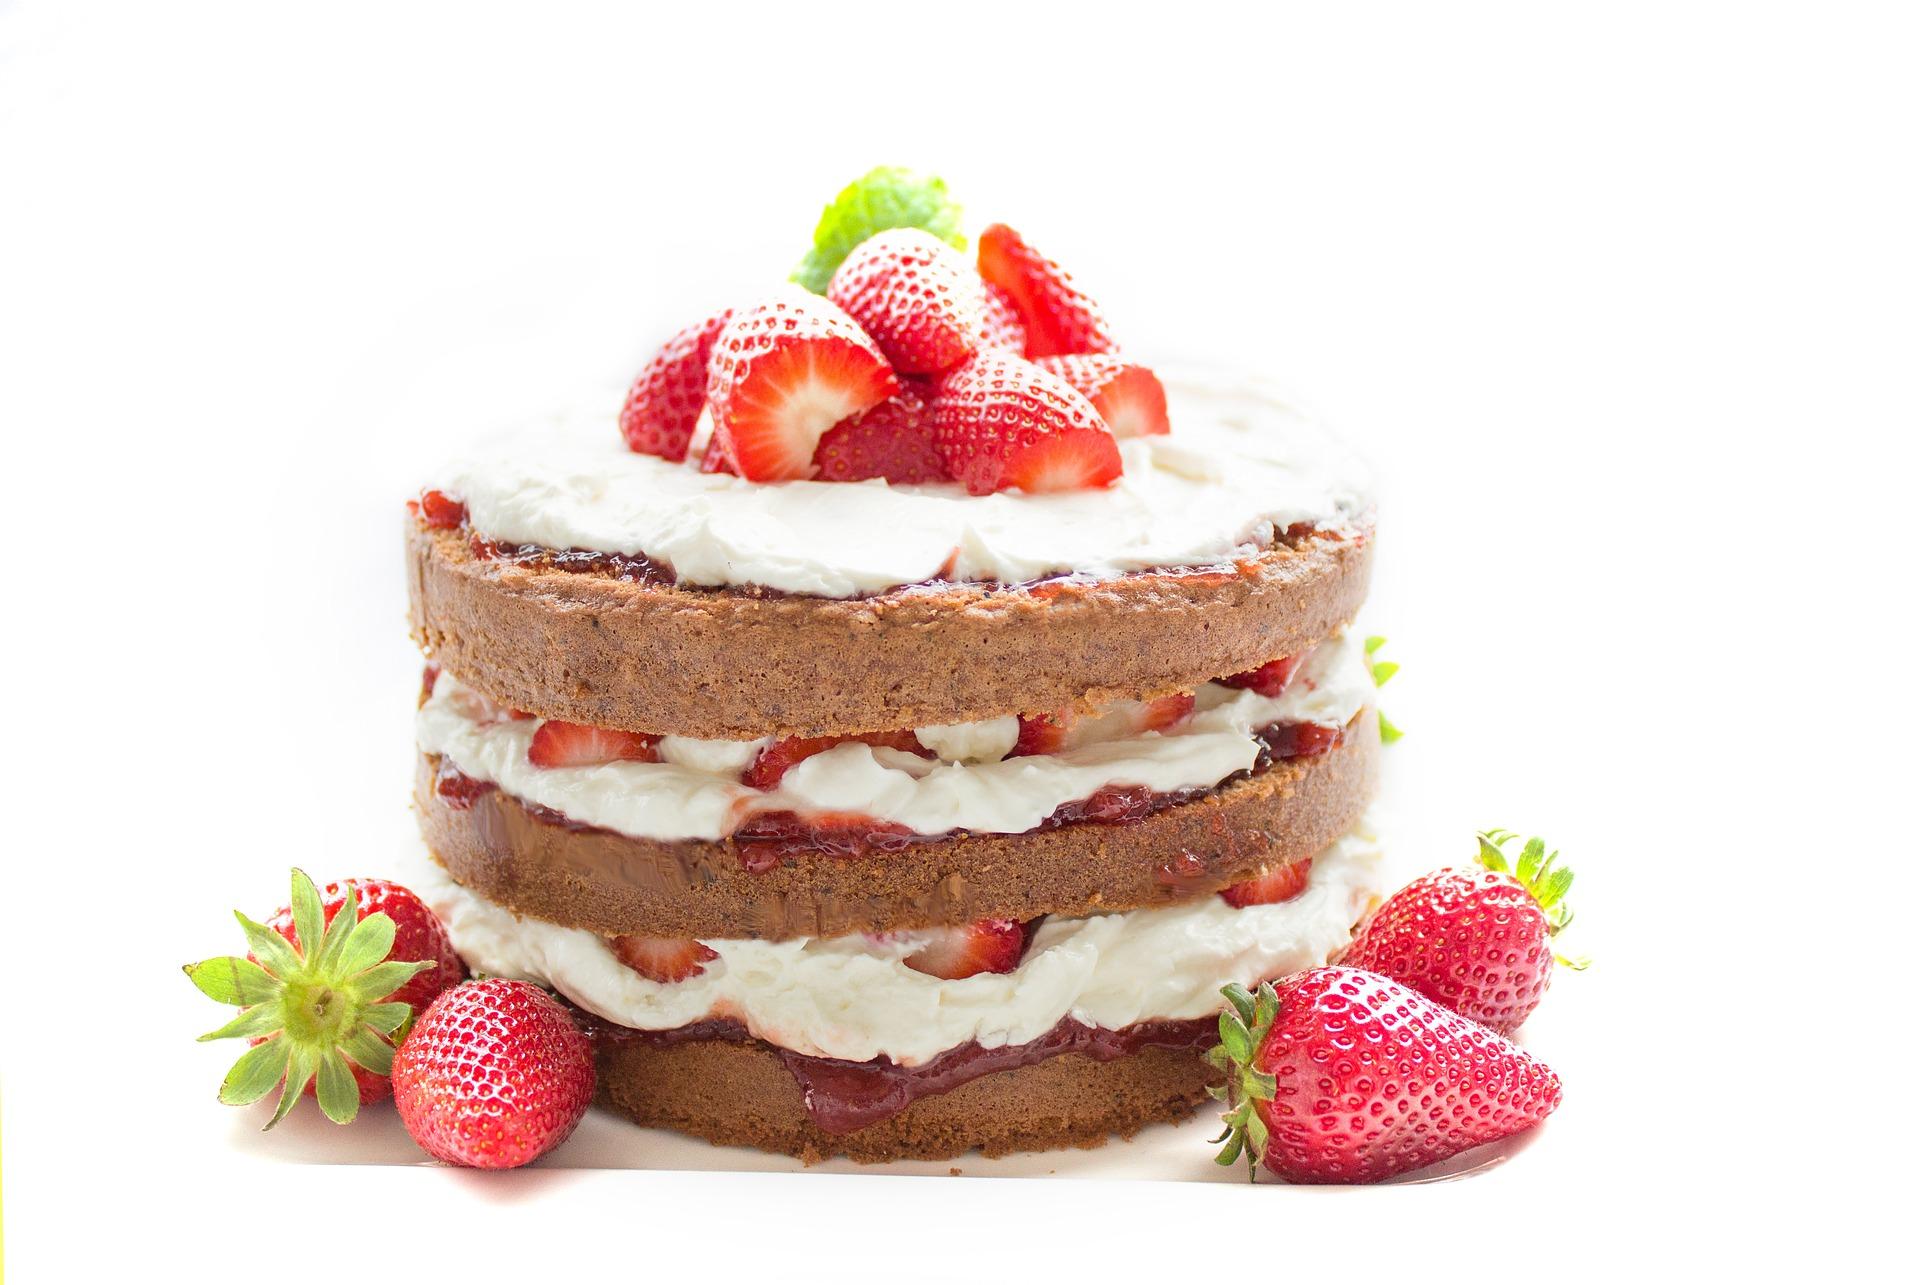 Biskuittorte mit Erdbeeren, geschichtet